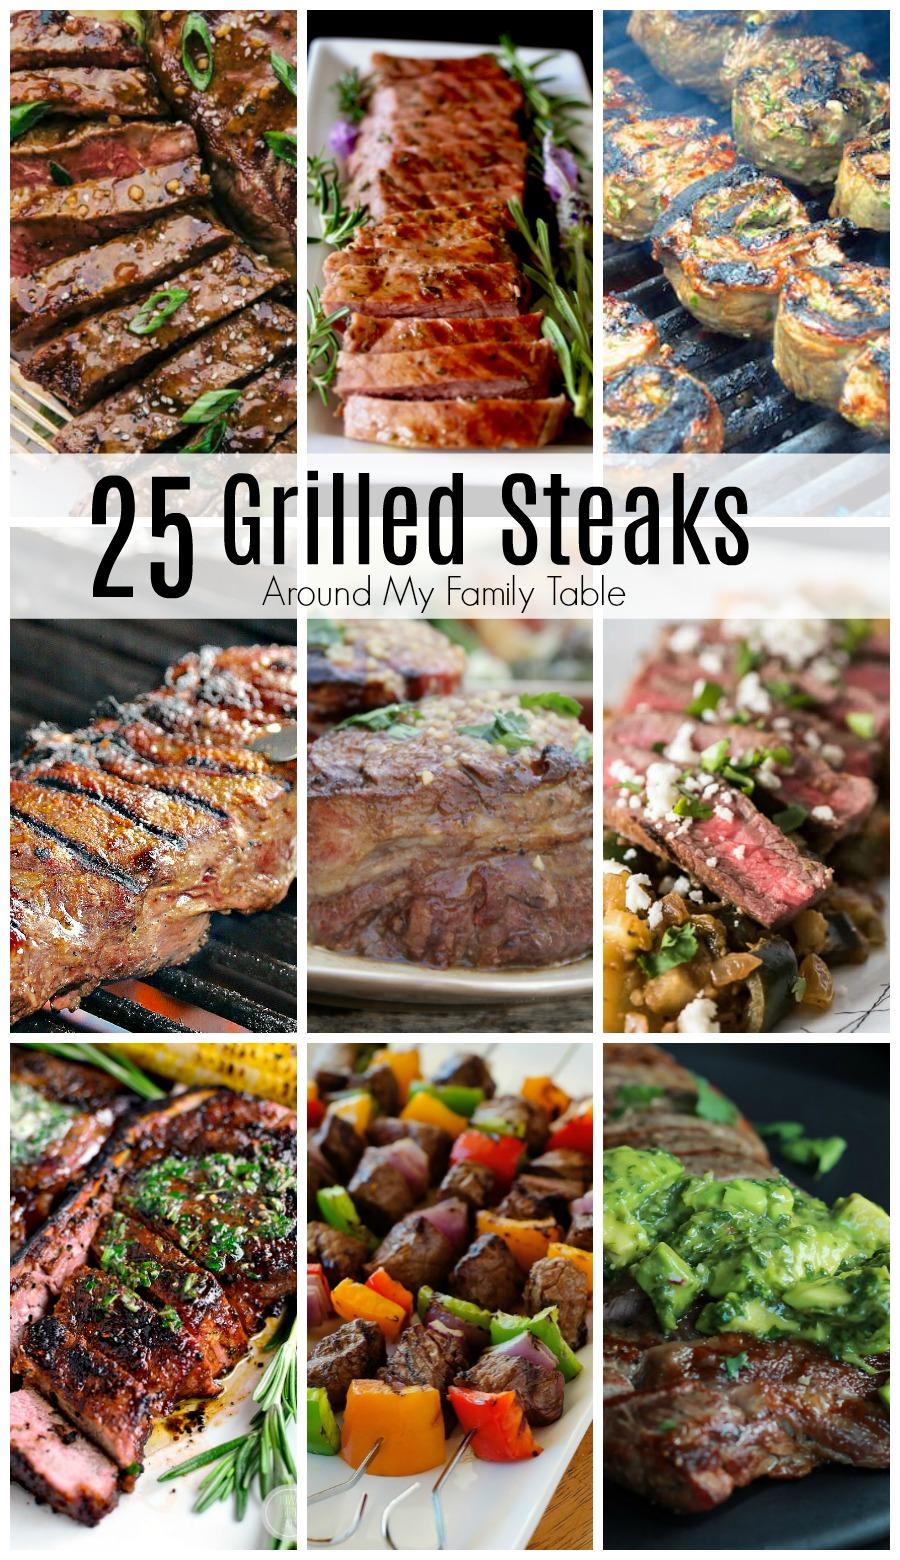 grilled steak collage